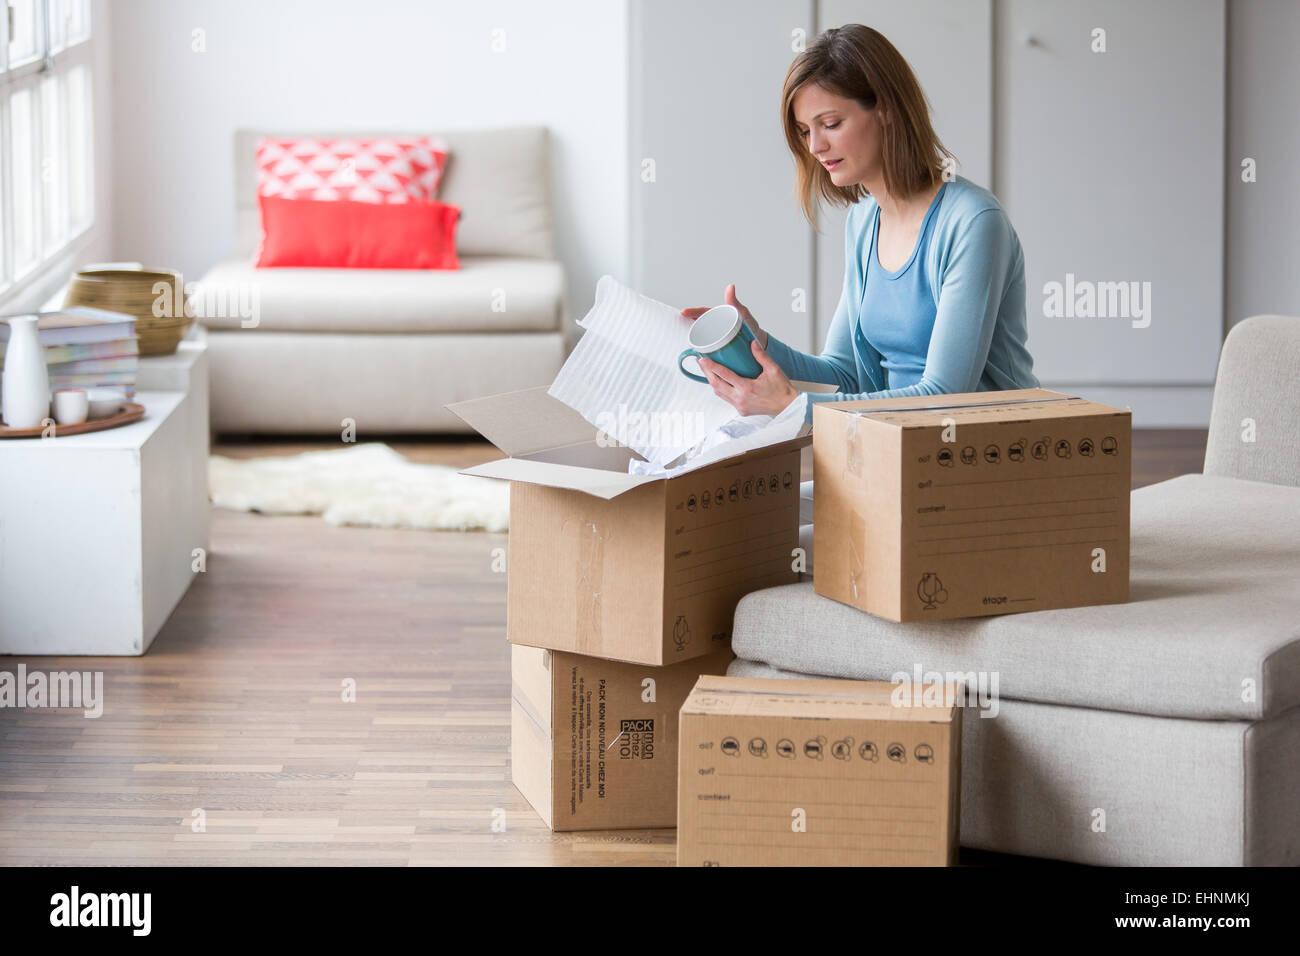 Frau, die bewegen-Boxen in ihrem neuen Zuhause. Stockbild